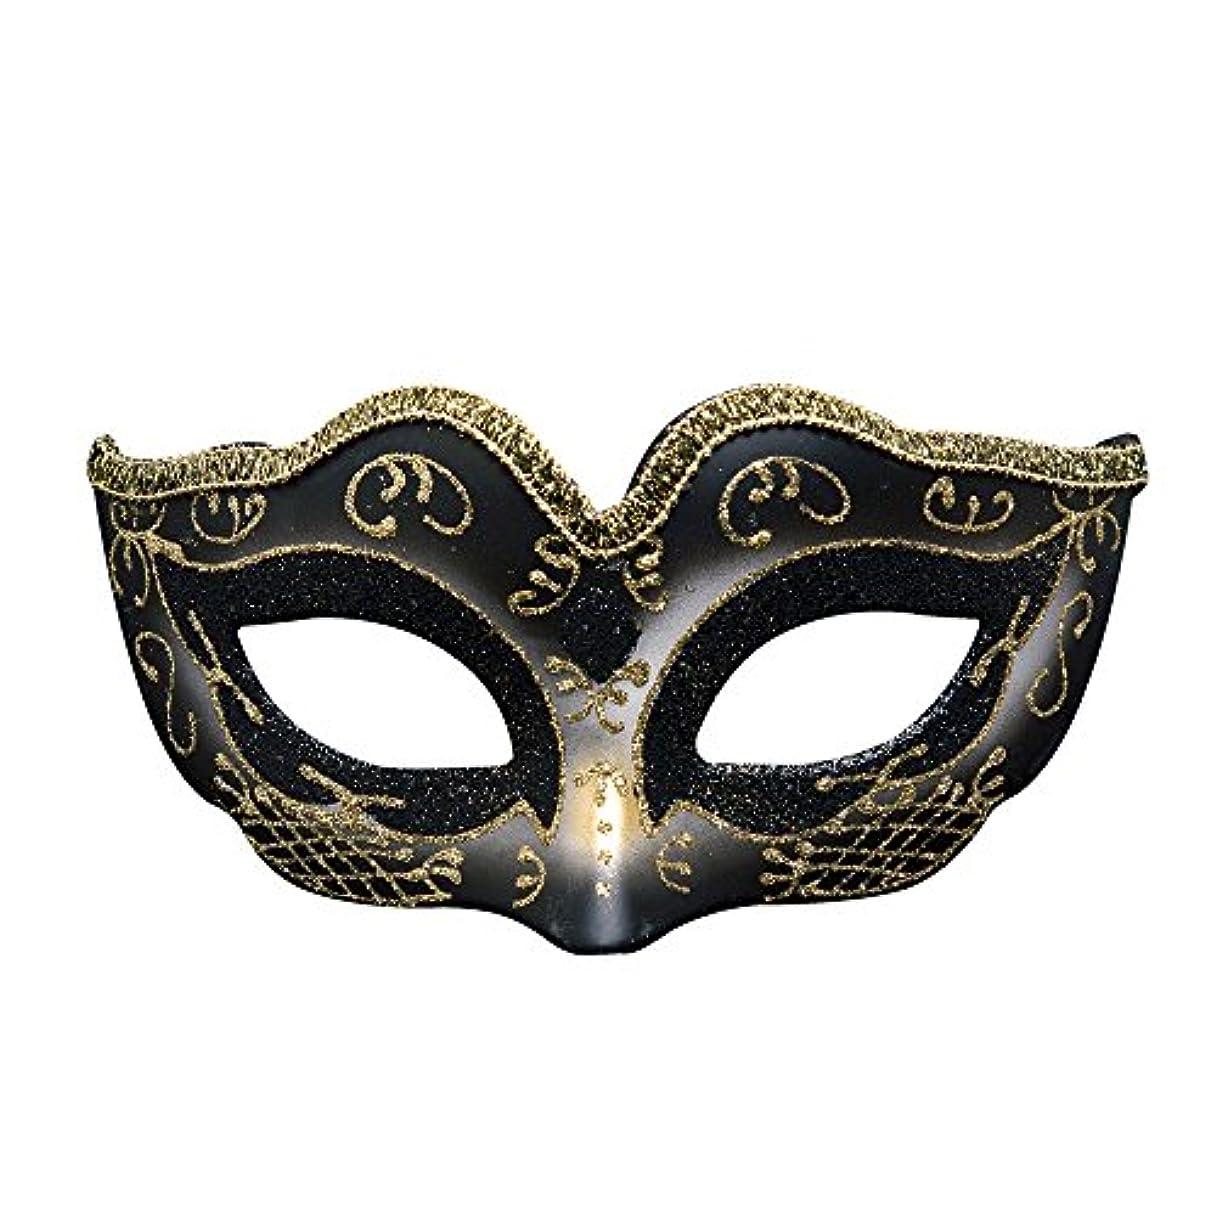 生きる変形するピルファークリエイティブキッズマスカレードパーティーハロウィンマスククリスマス雰囲気マスク (Color : #2)